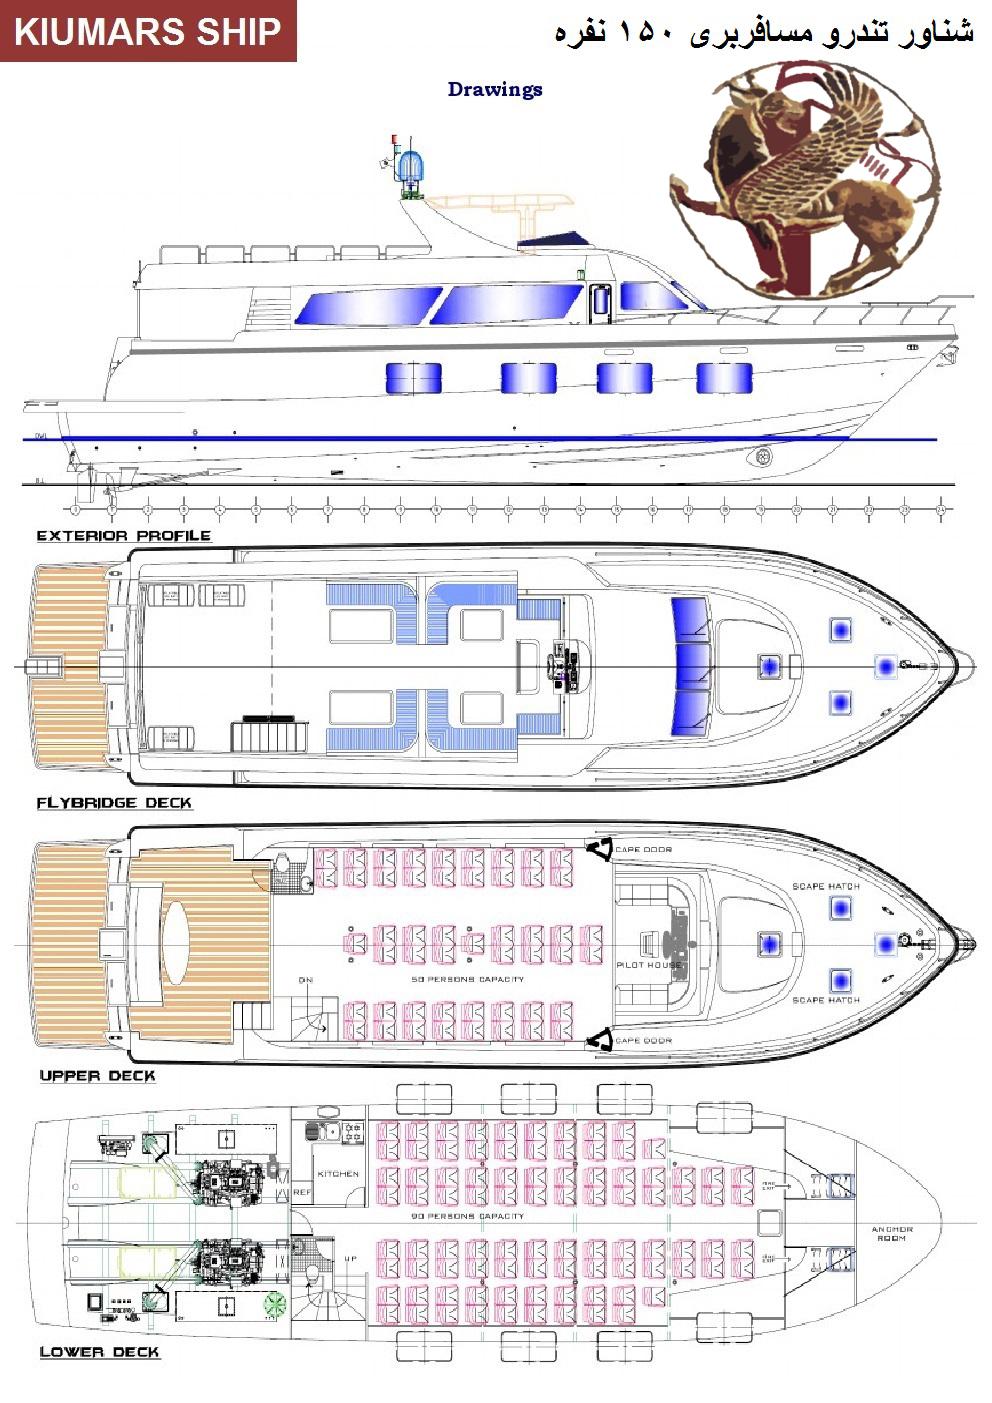 کشتی مسافربری 150 نفره